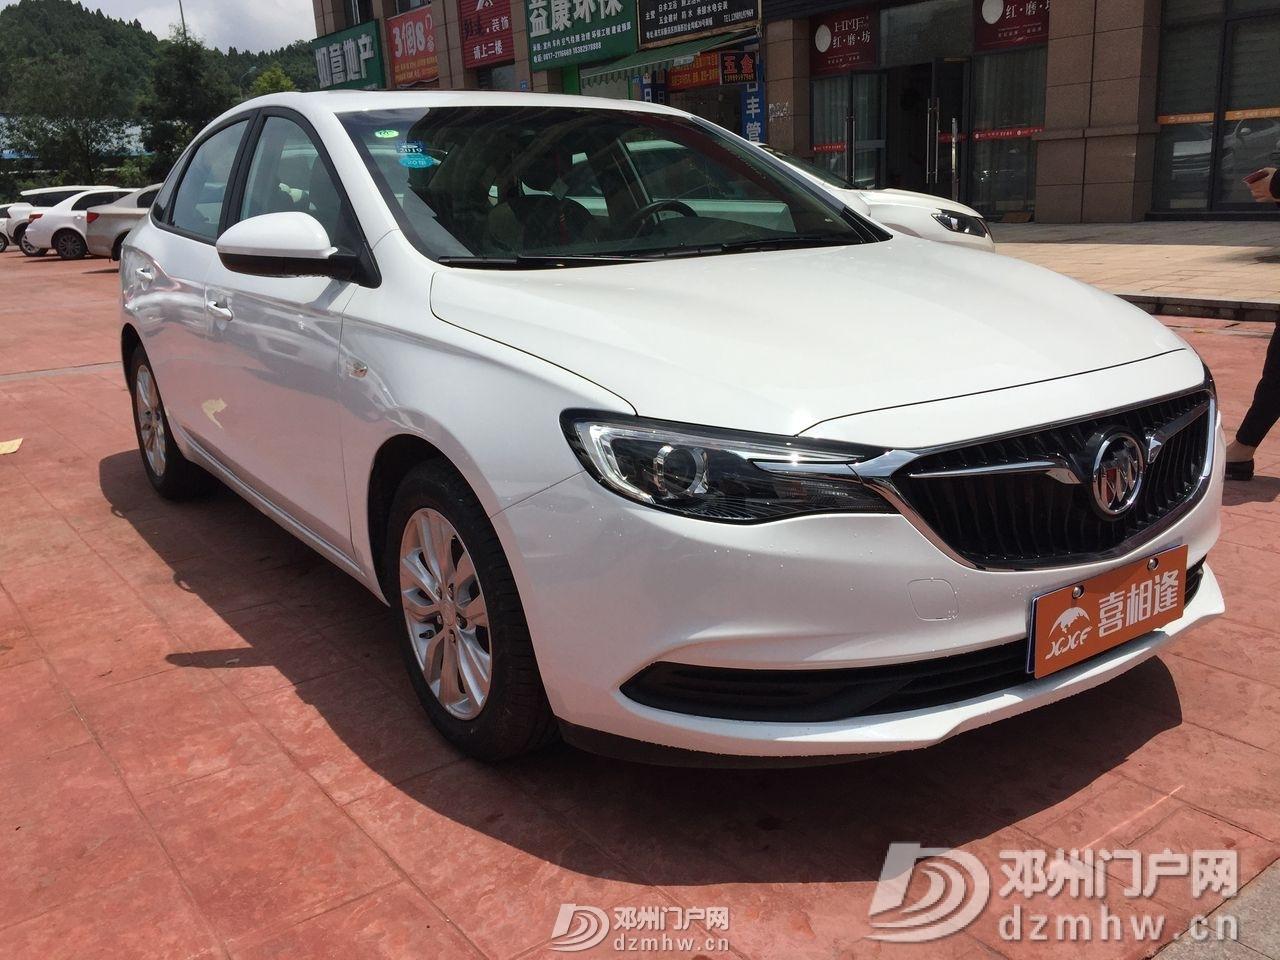 分期购车  一成首付 - 邓州门户网|邓州网 - 3.jpg